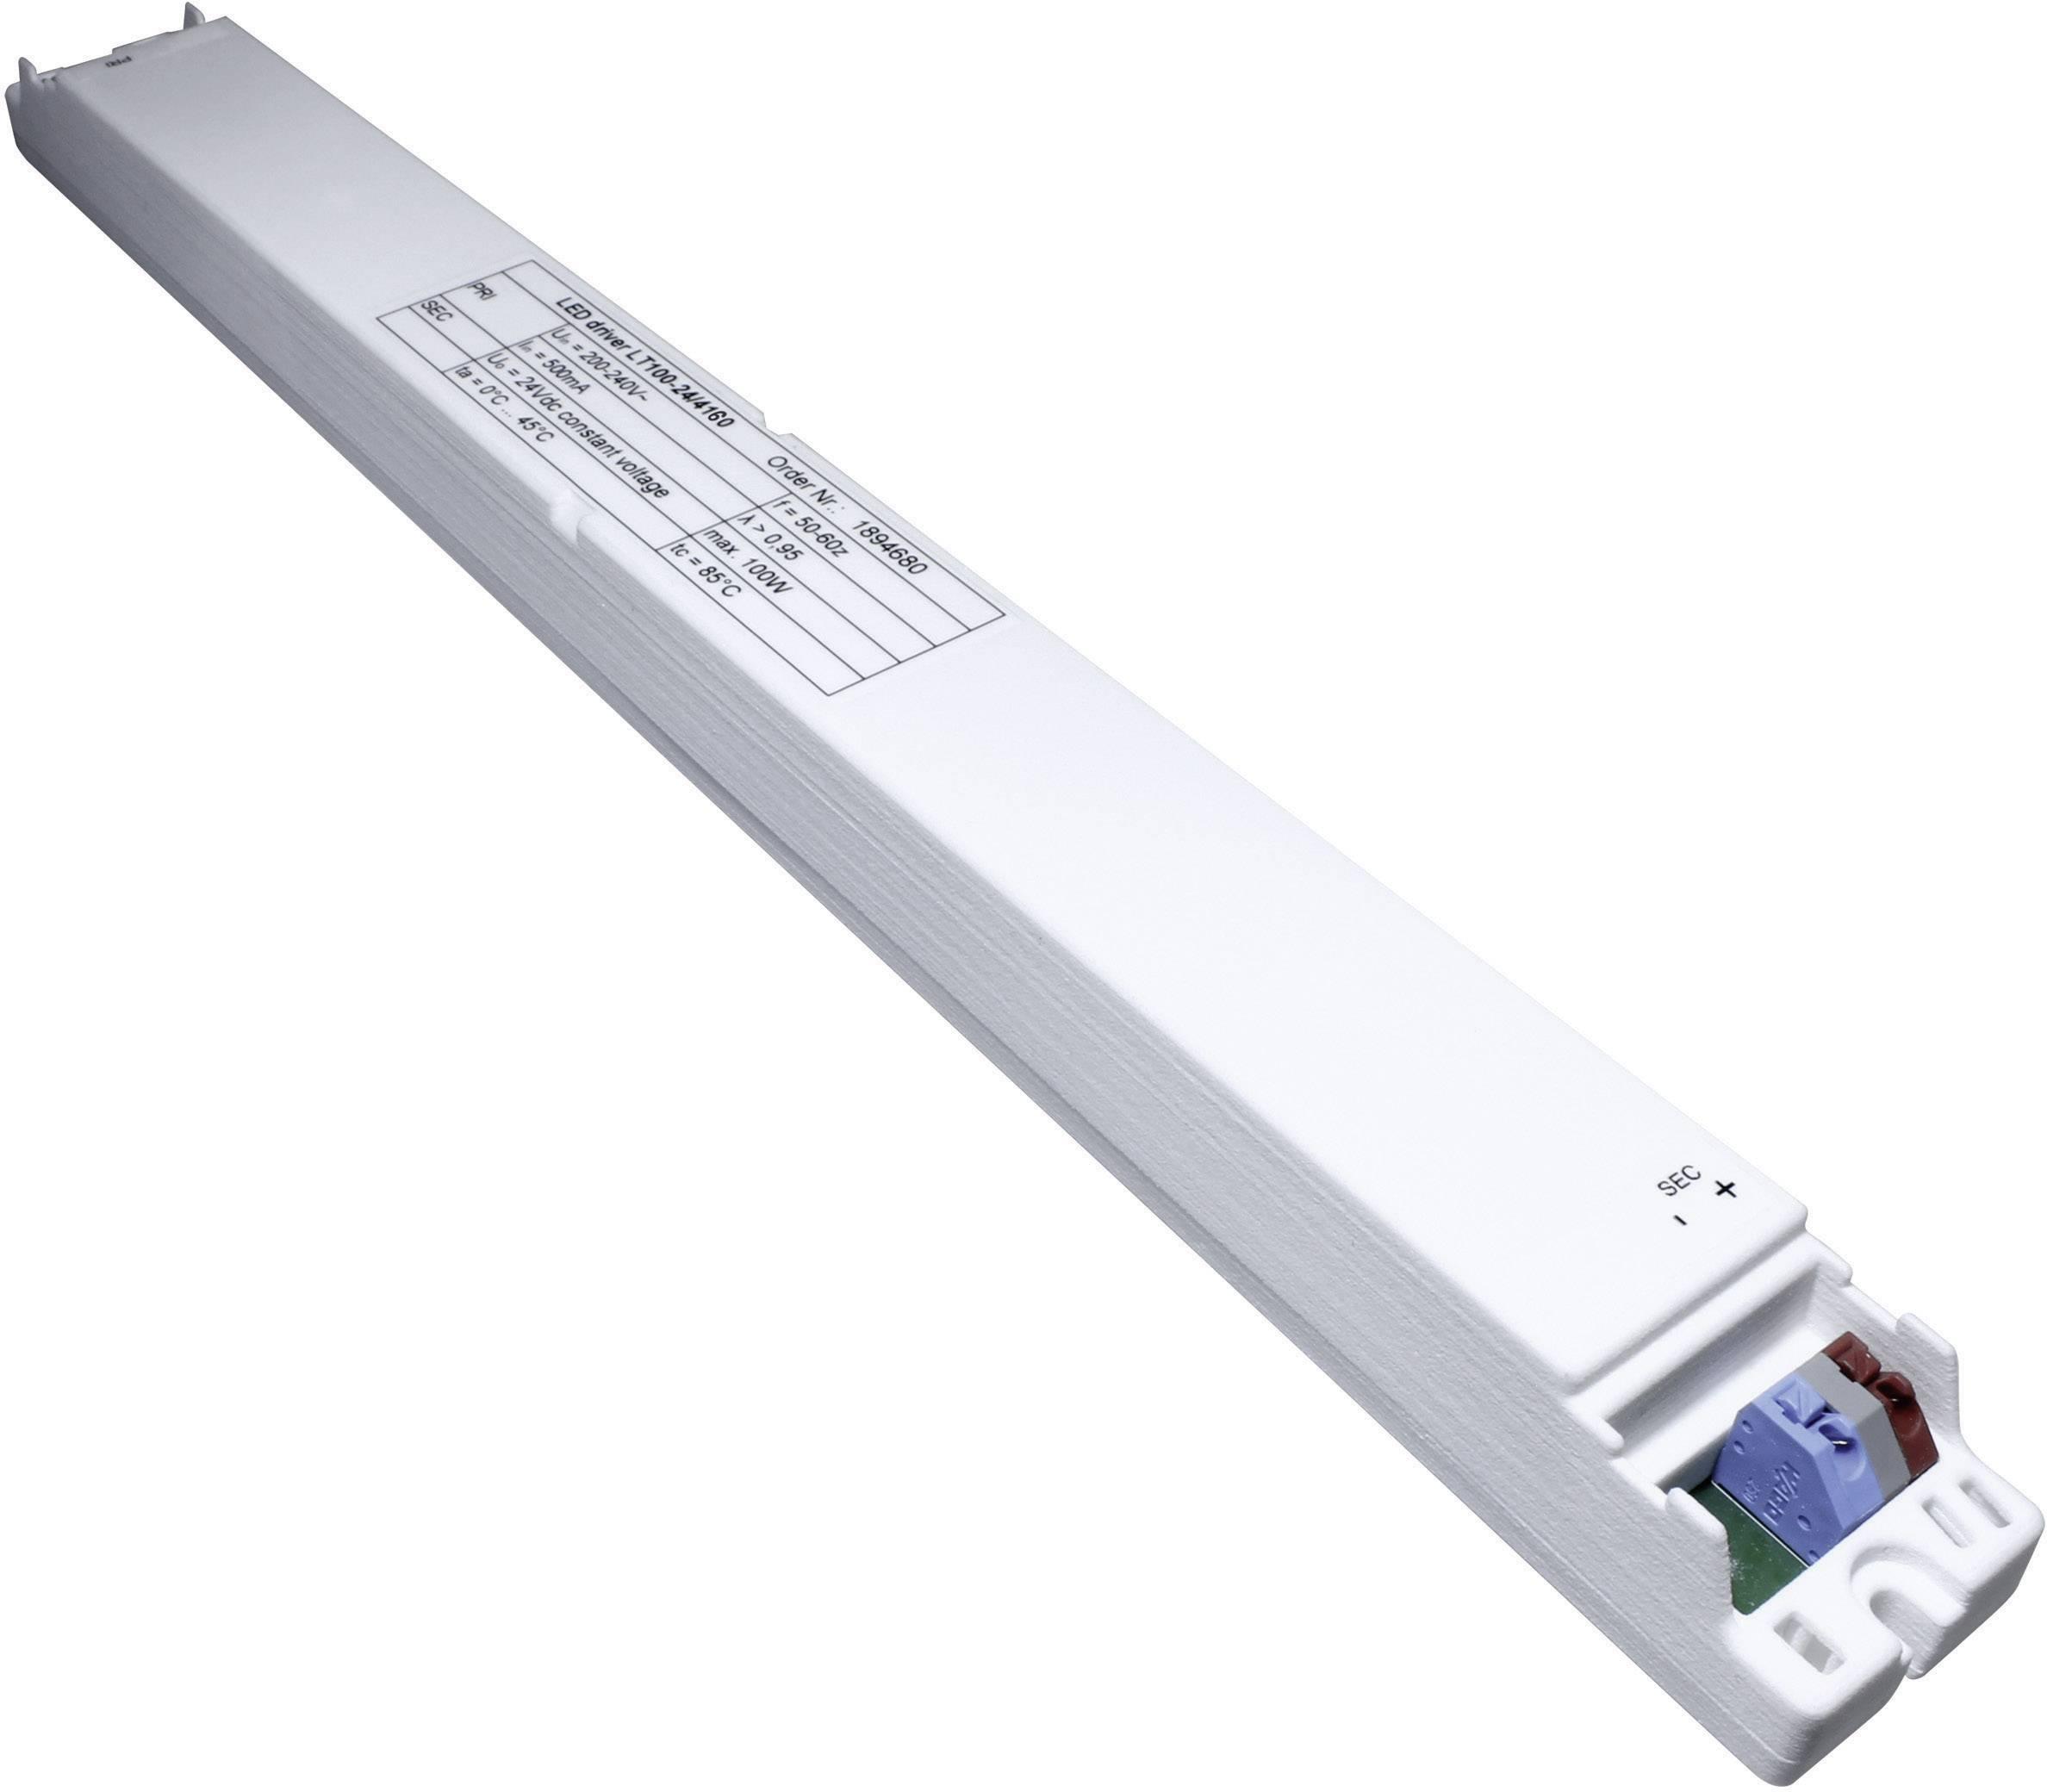 Napájací zdroj pre LED, LED driver LT100-24/4160, 1.46 A, 15 - 24 V/DC